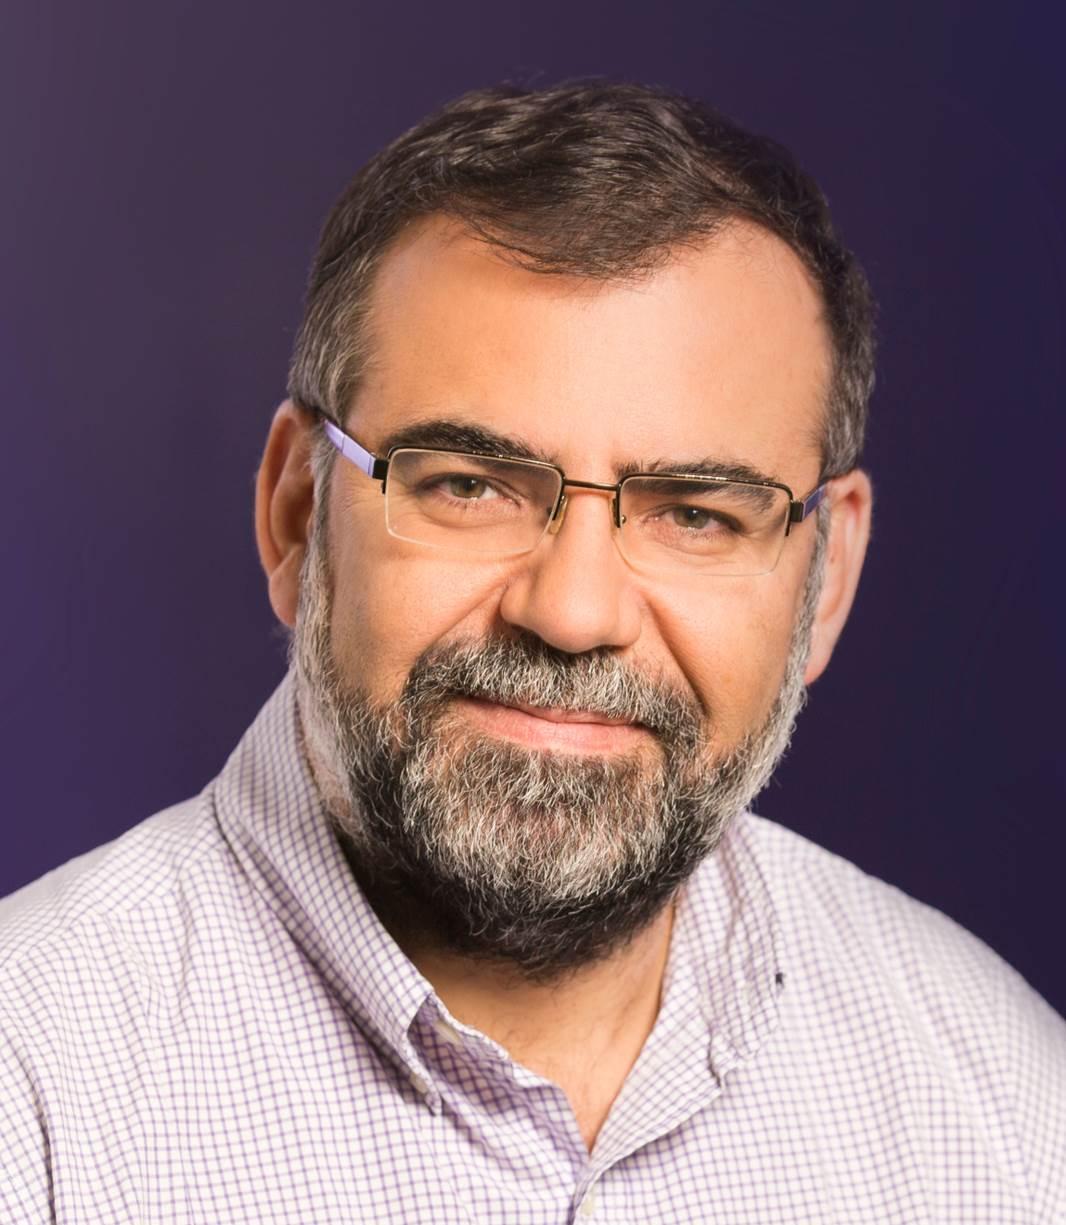 Ricardo Baeza-Yates